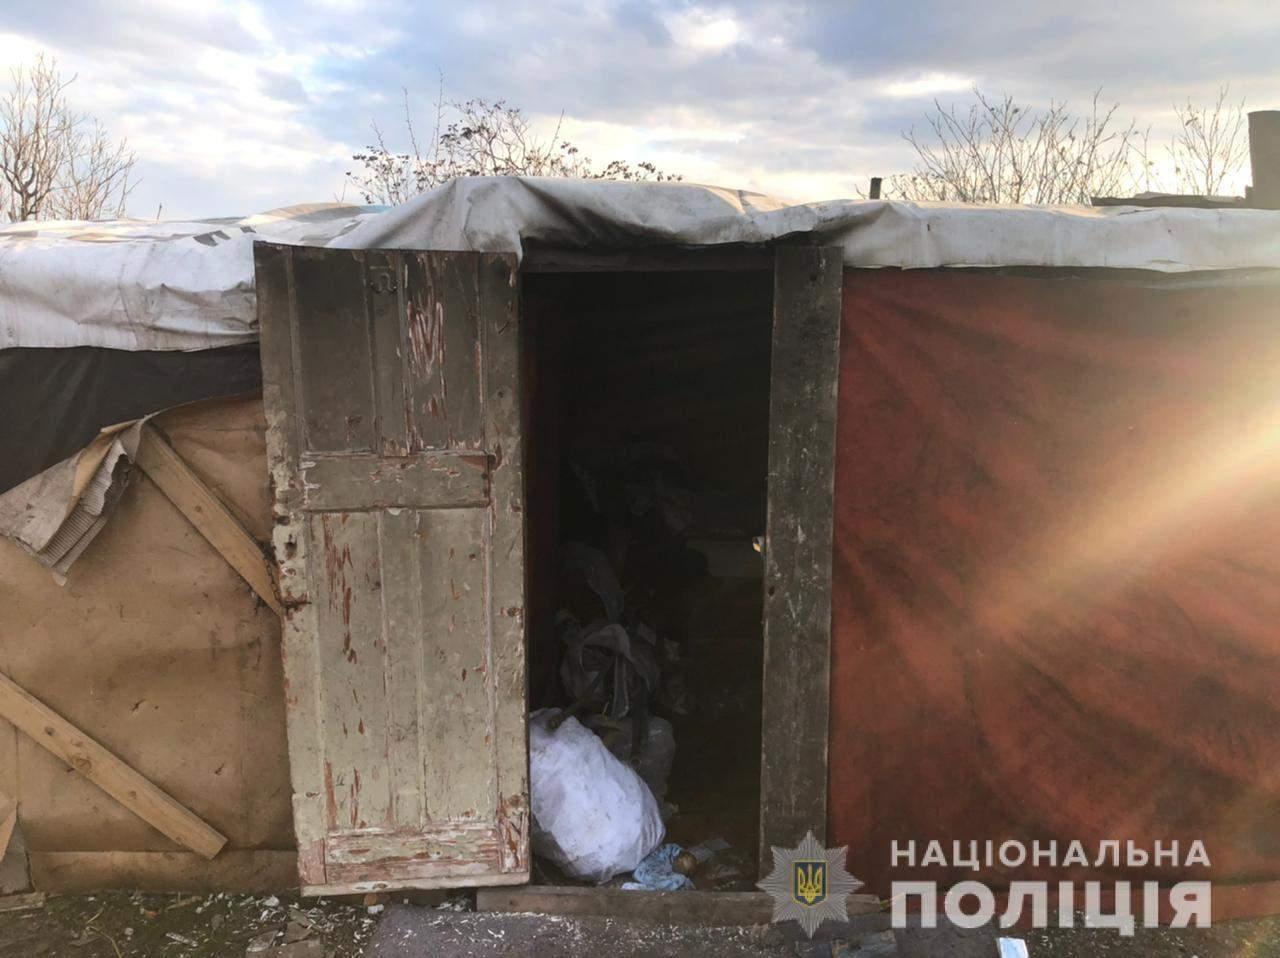 На Одещині в селі пара святкувала 8 березня: жінці зламали шию